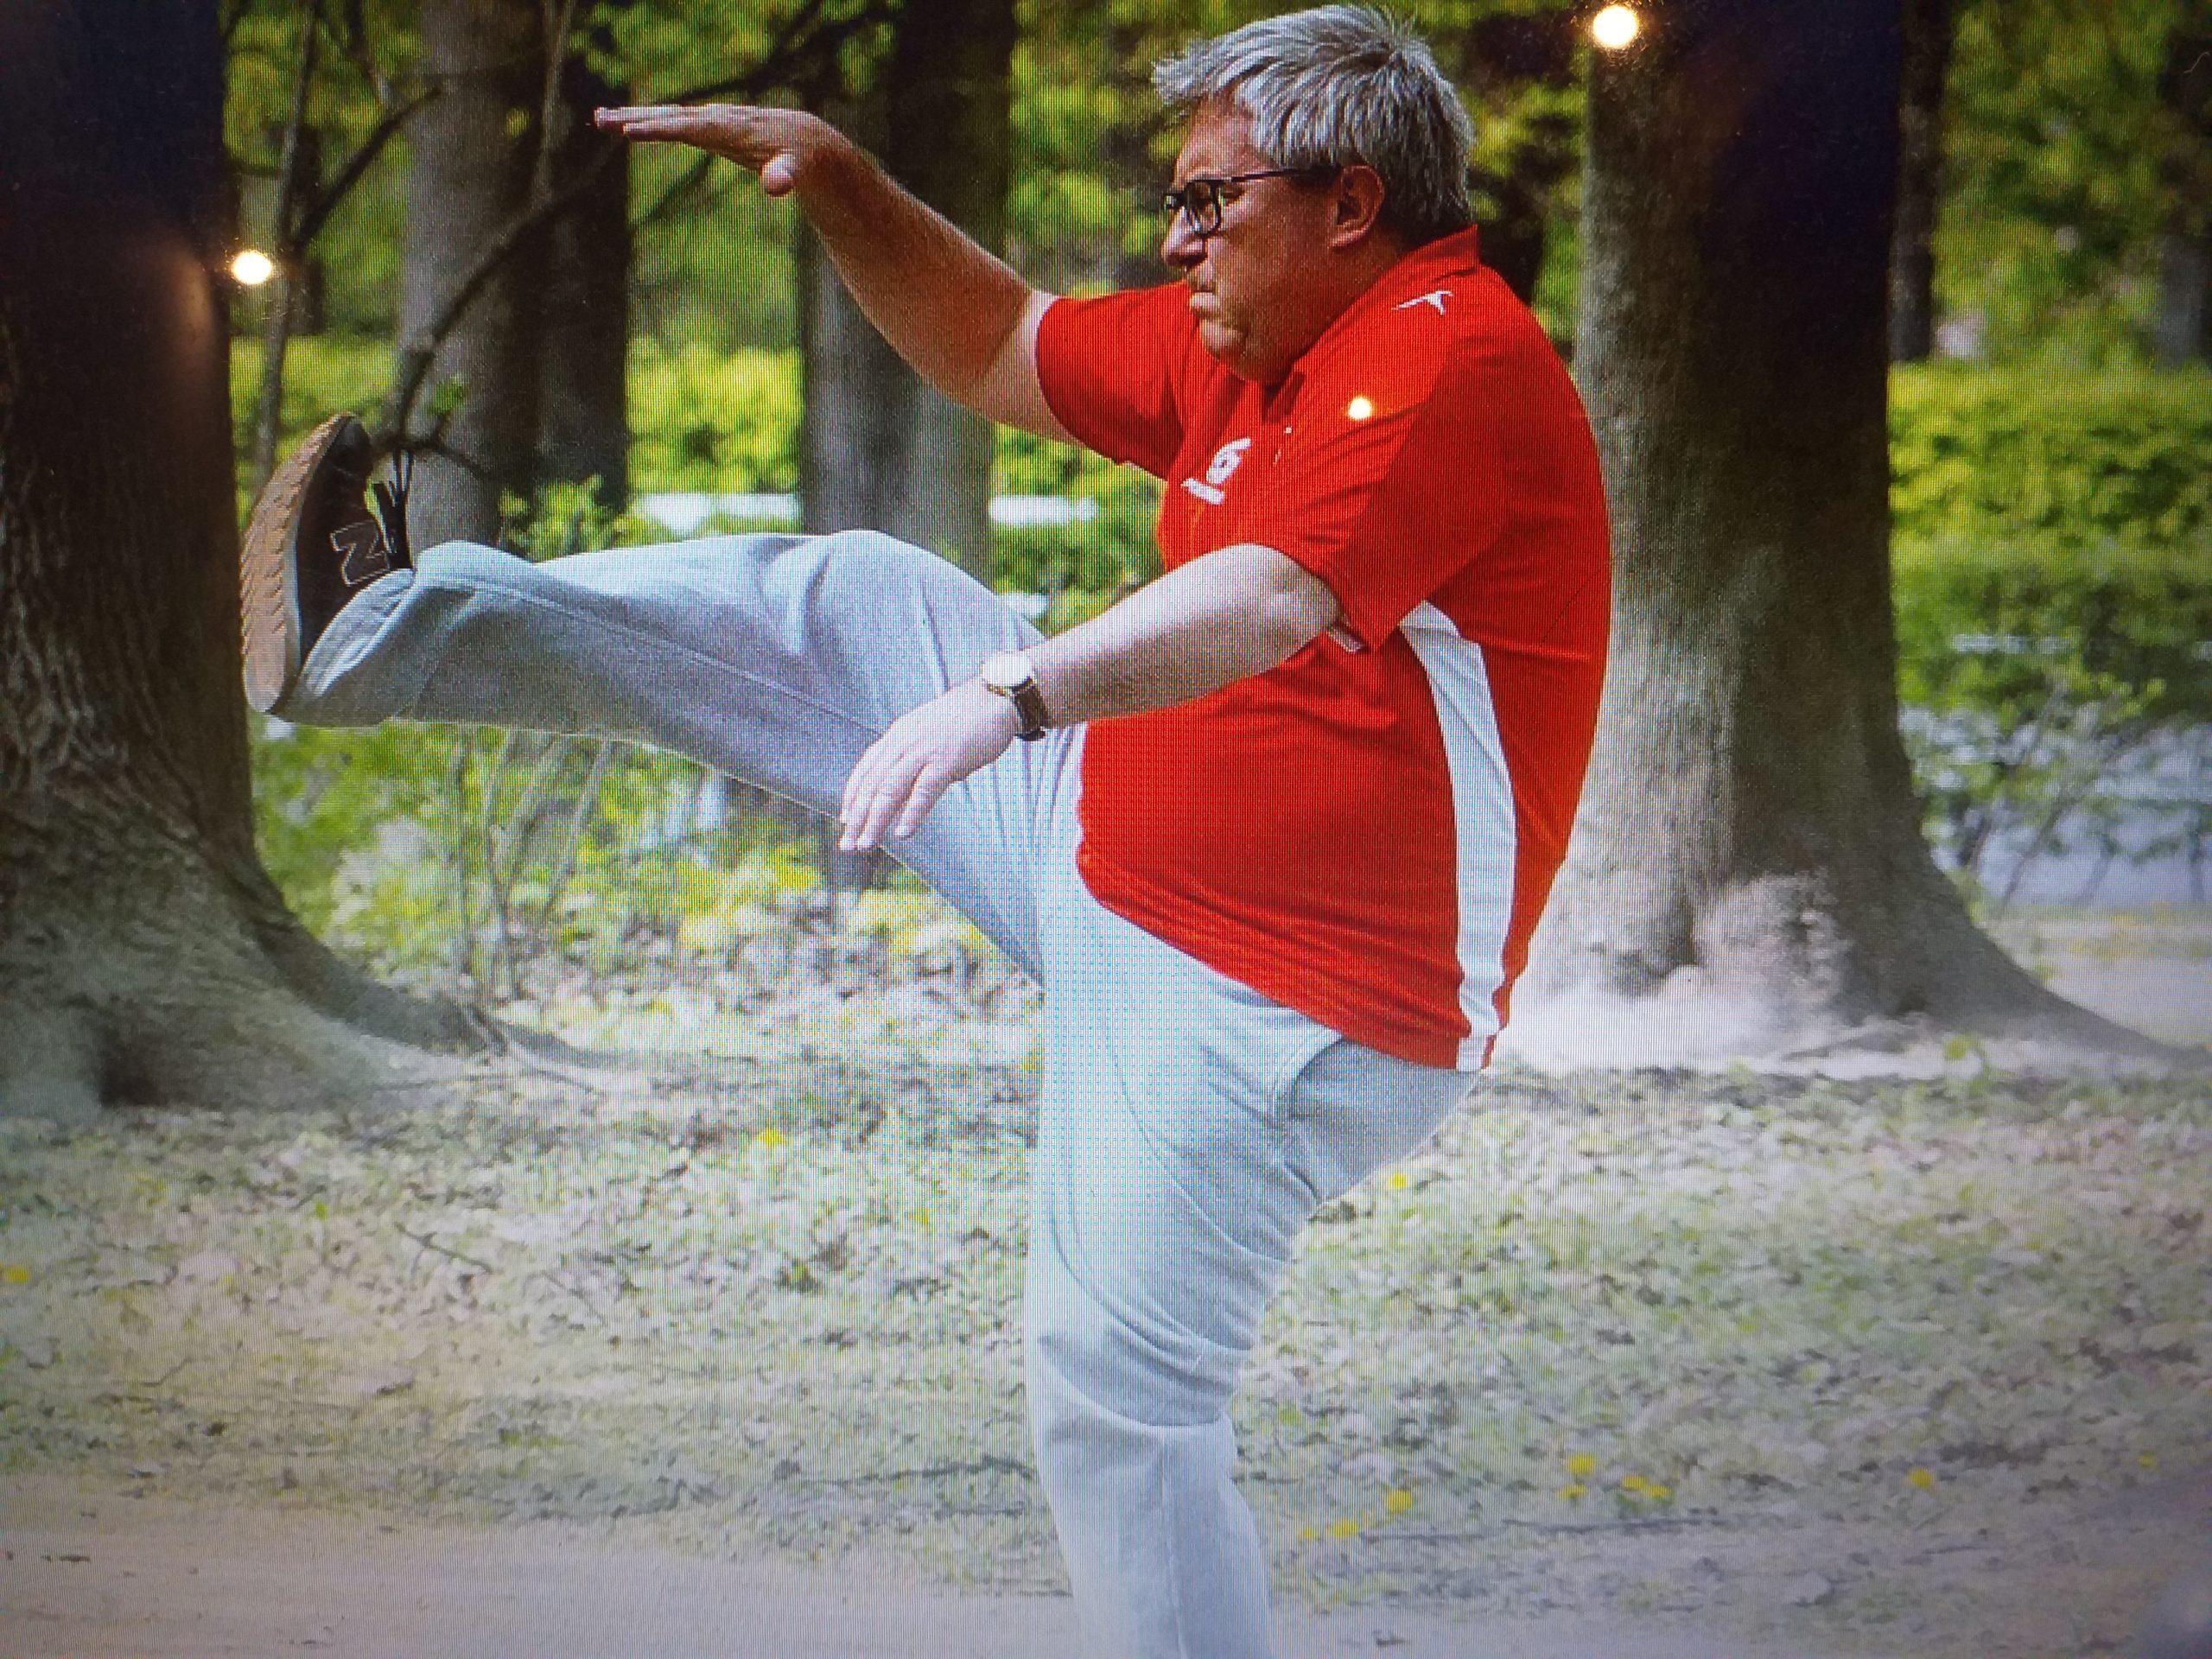 Bez maseczki w parku- czołowy polityk partii rządzączej.